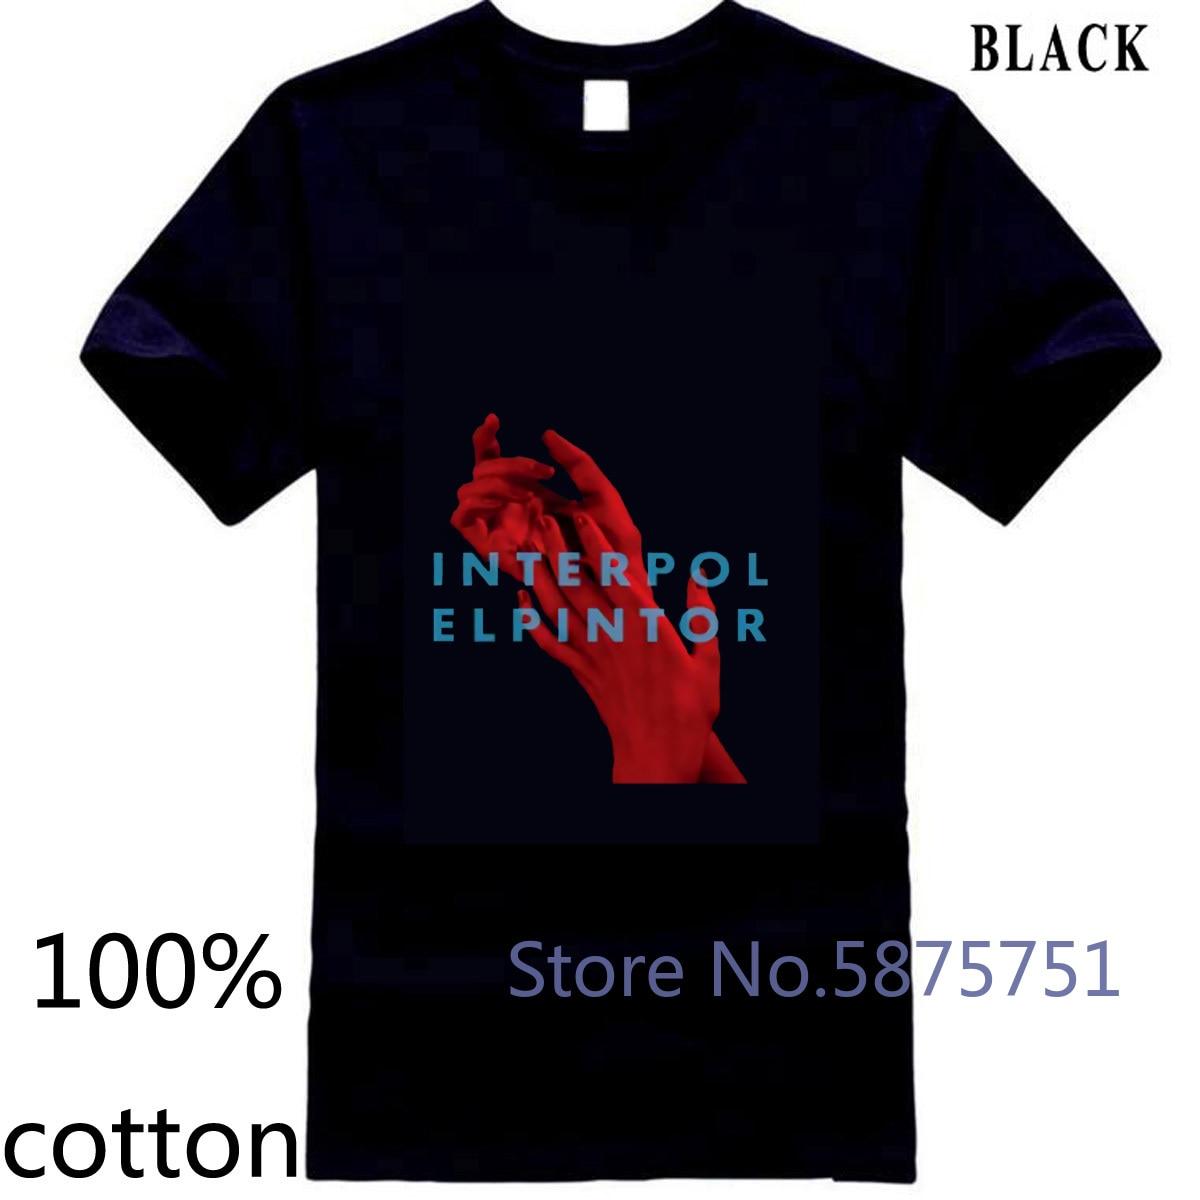 ¡Novedad! Camiseta negra de estilo masculino con estampado de la banda de Rock de la Federación Internacional Elpintor para hombre, Camiseta 100% de algodón para hombre